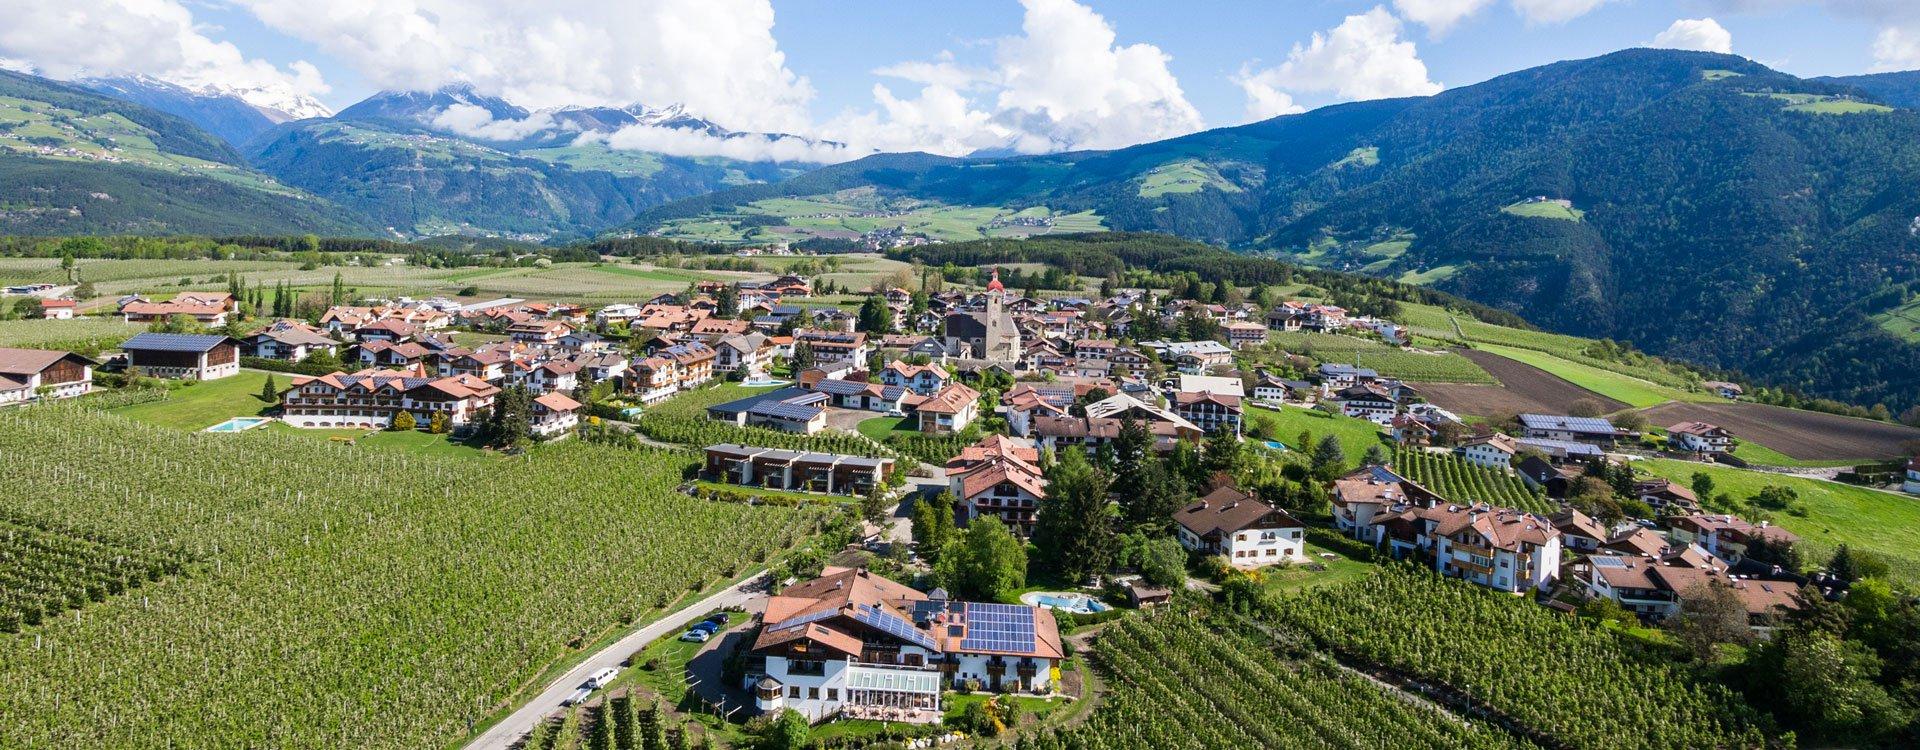 Vacanze a bressanone for Mezza pensione bressanone